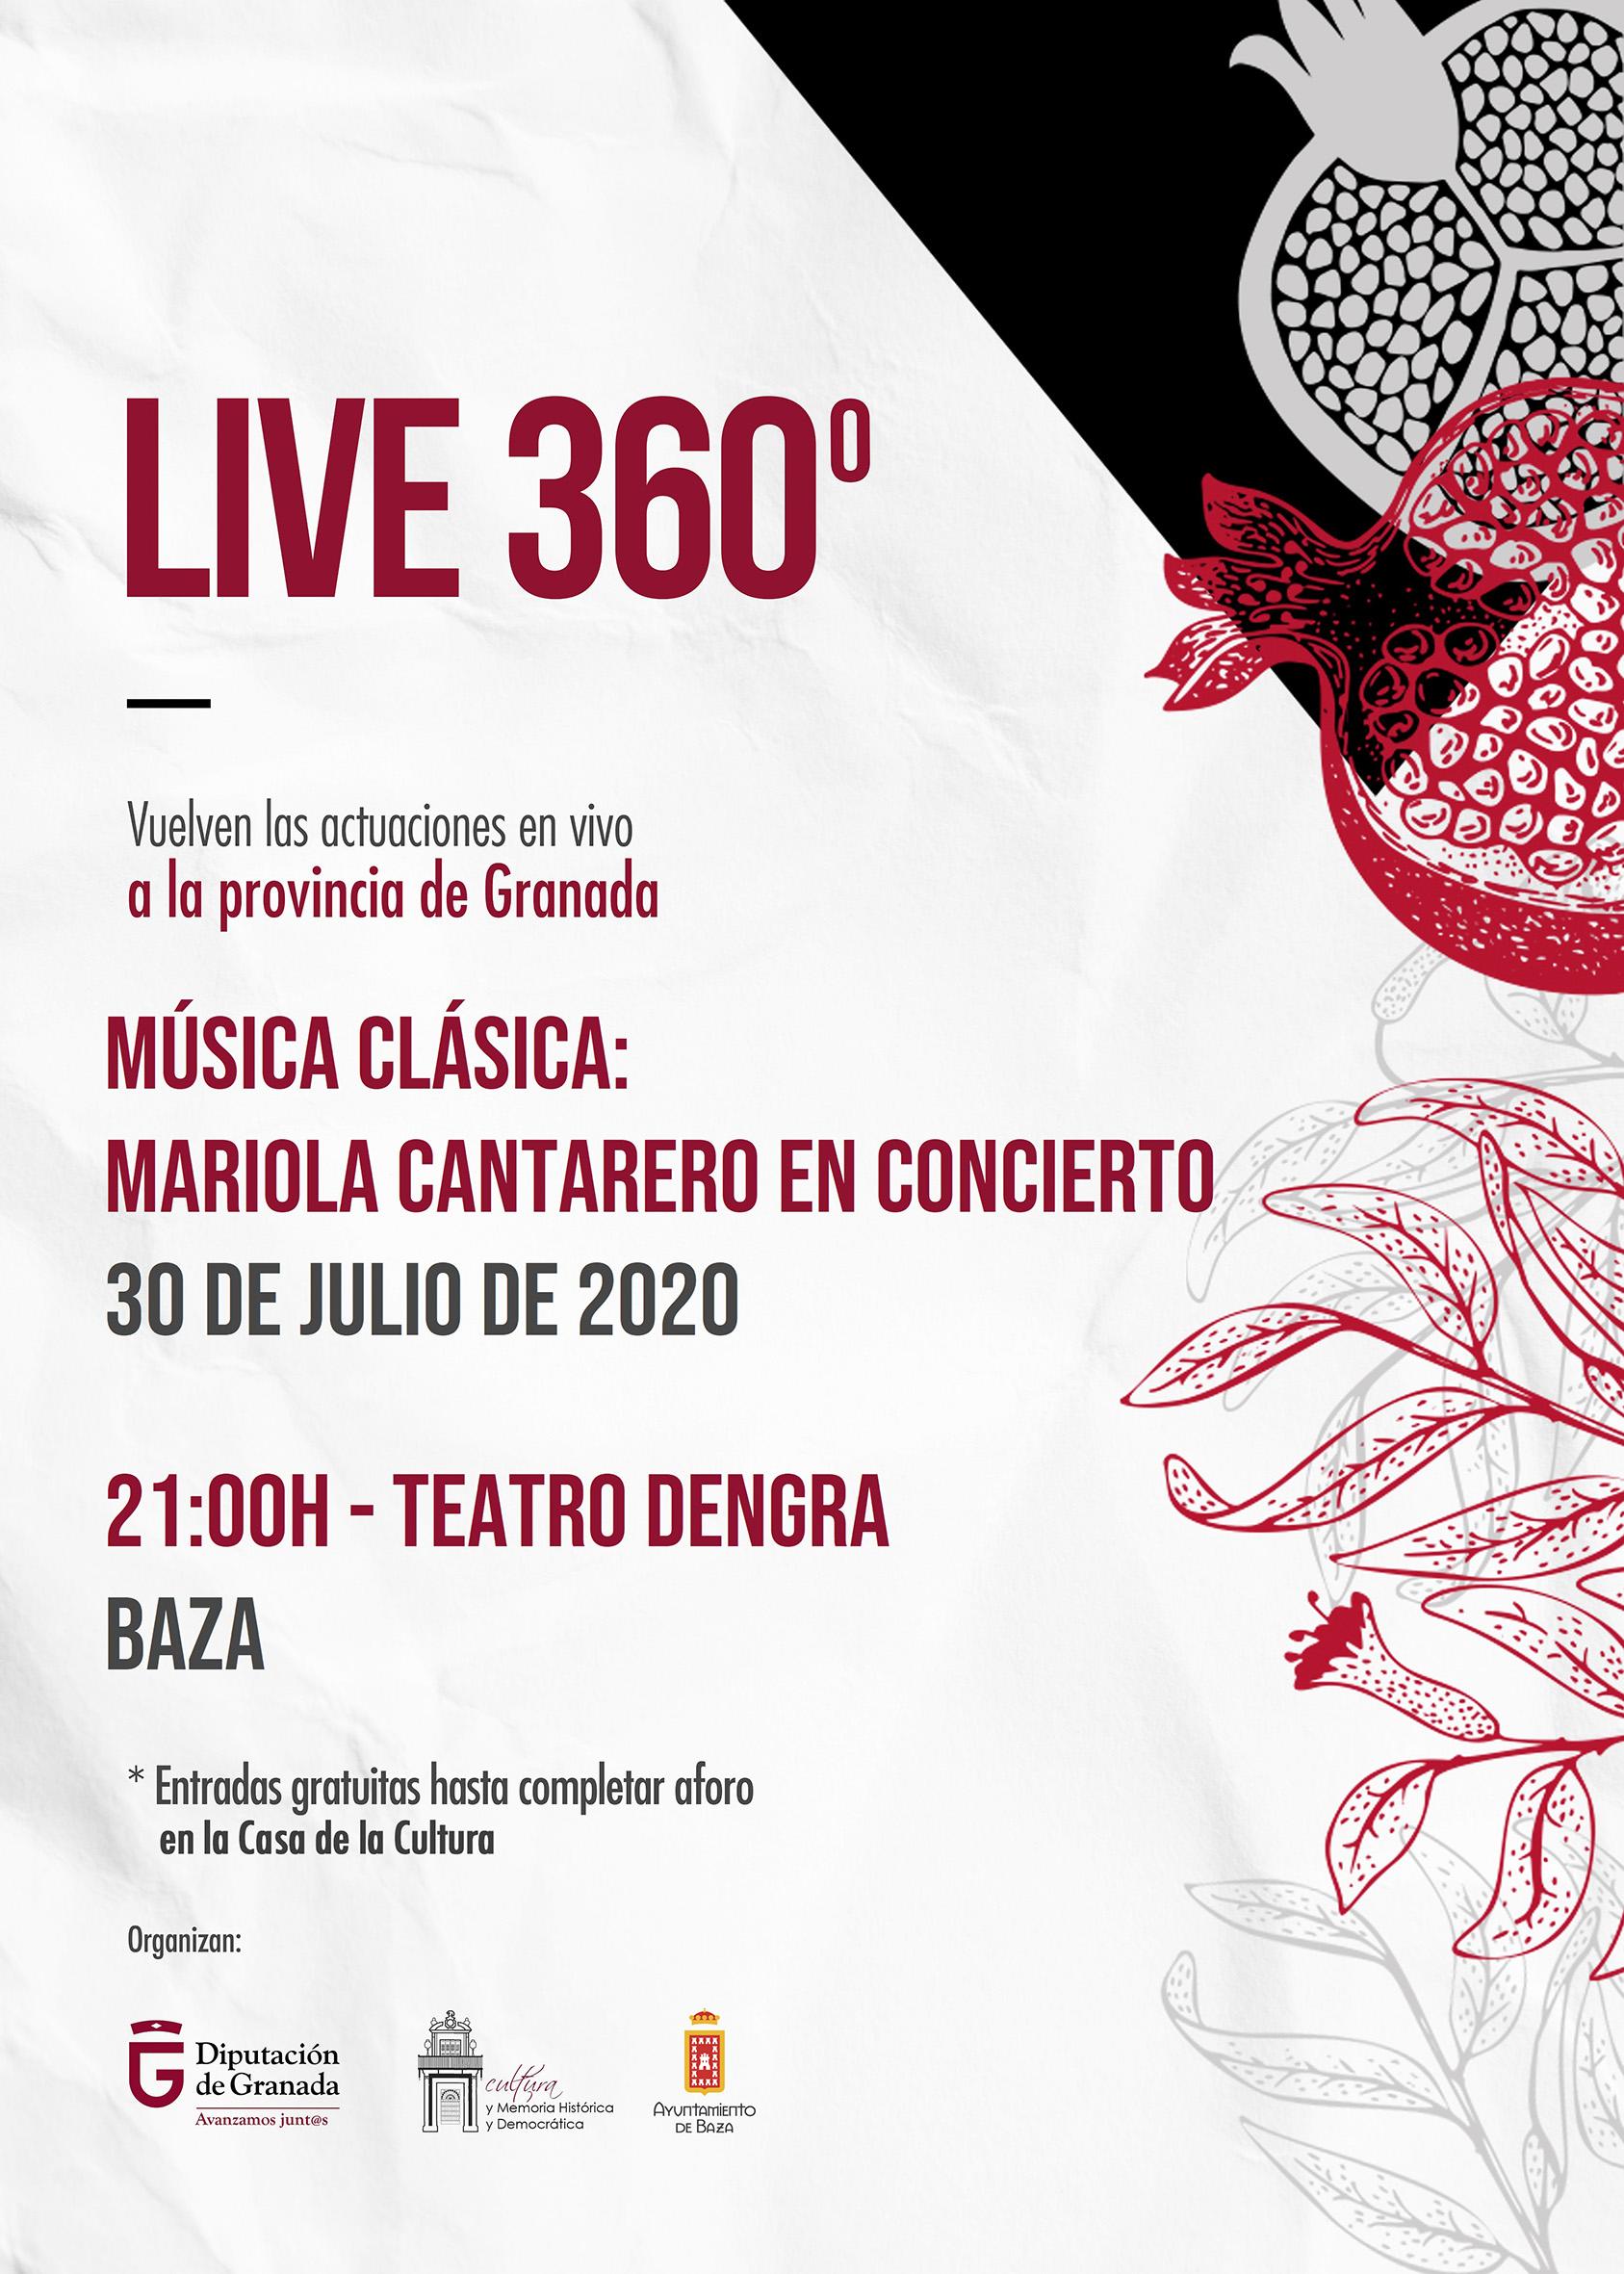 Cartel del concierto de Mariola Cantarero en Baza